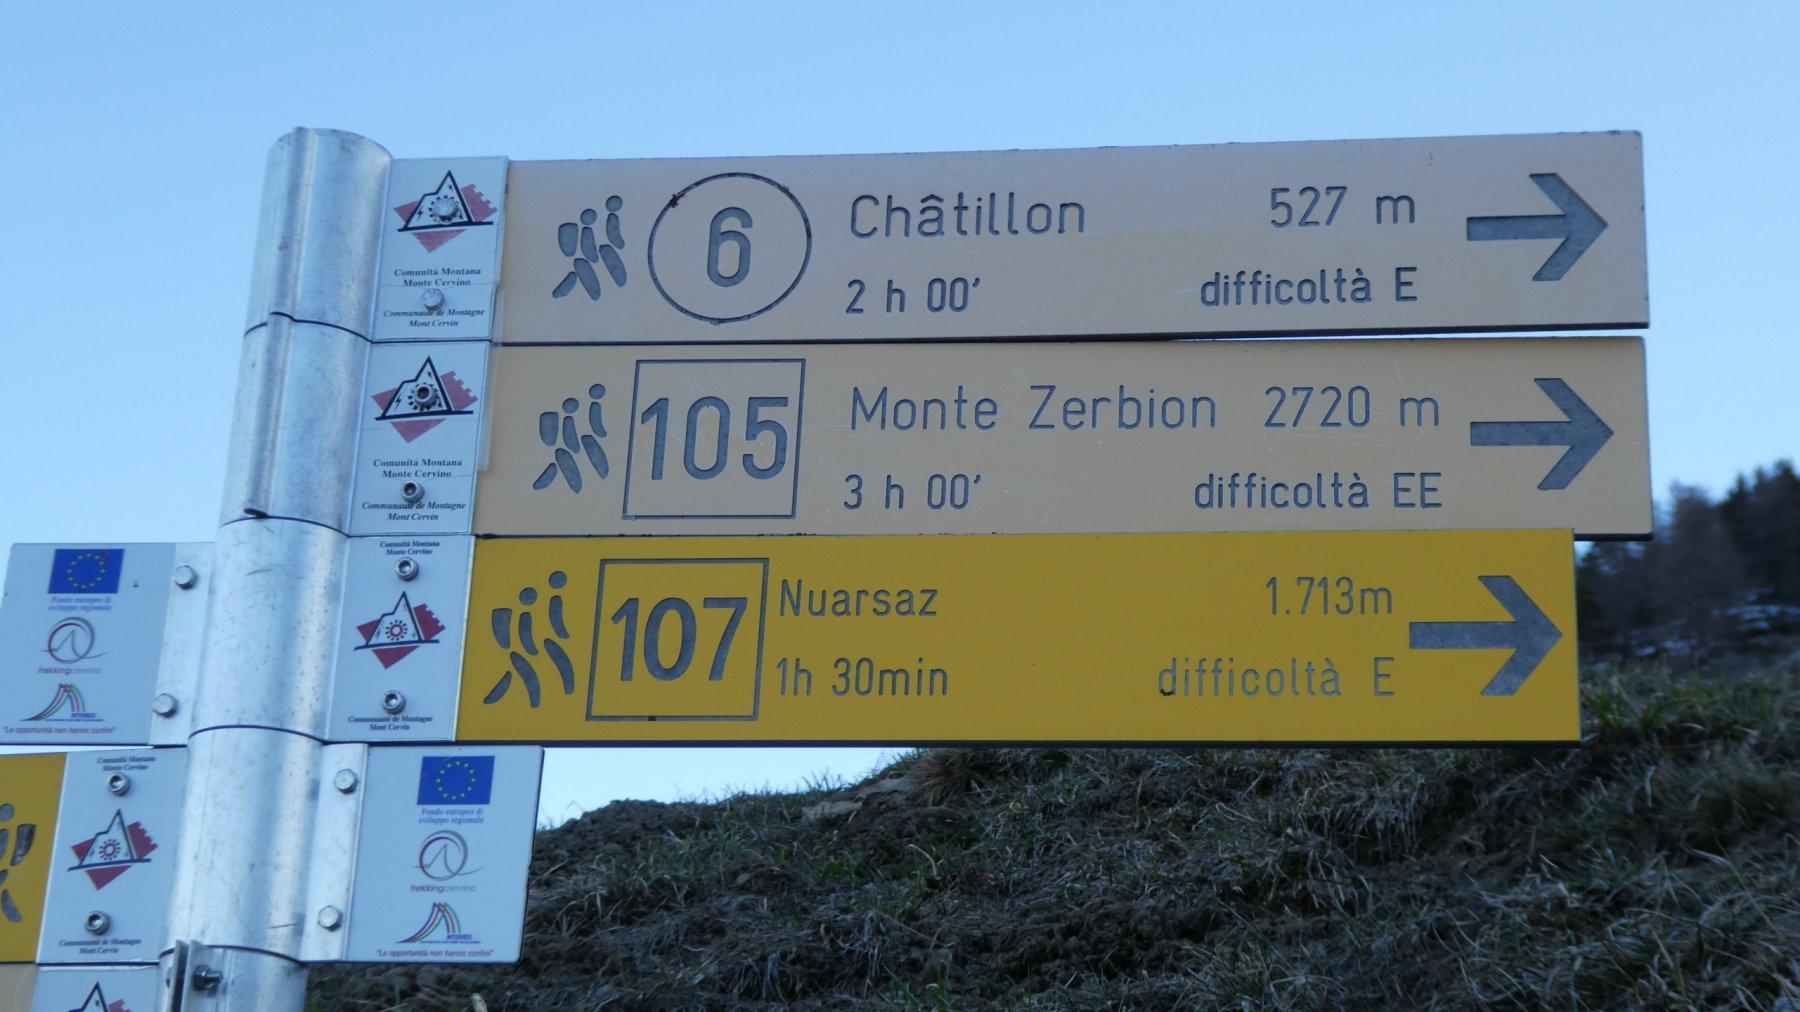 cartelli indicatori a Promiod